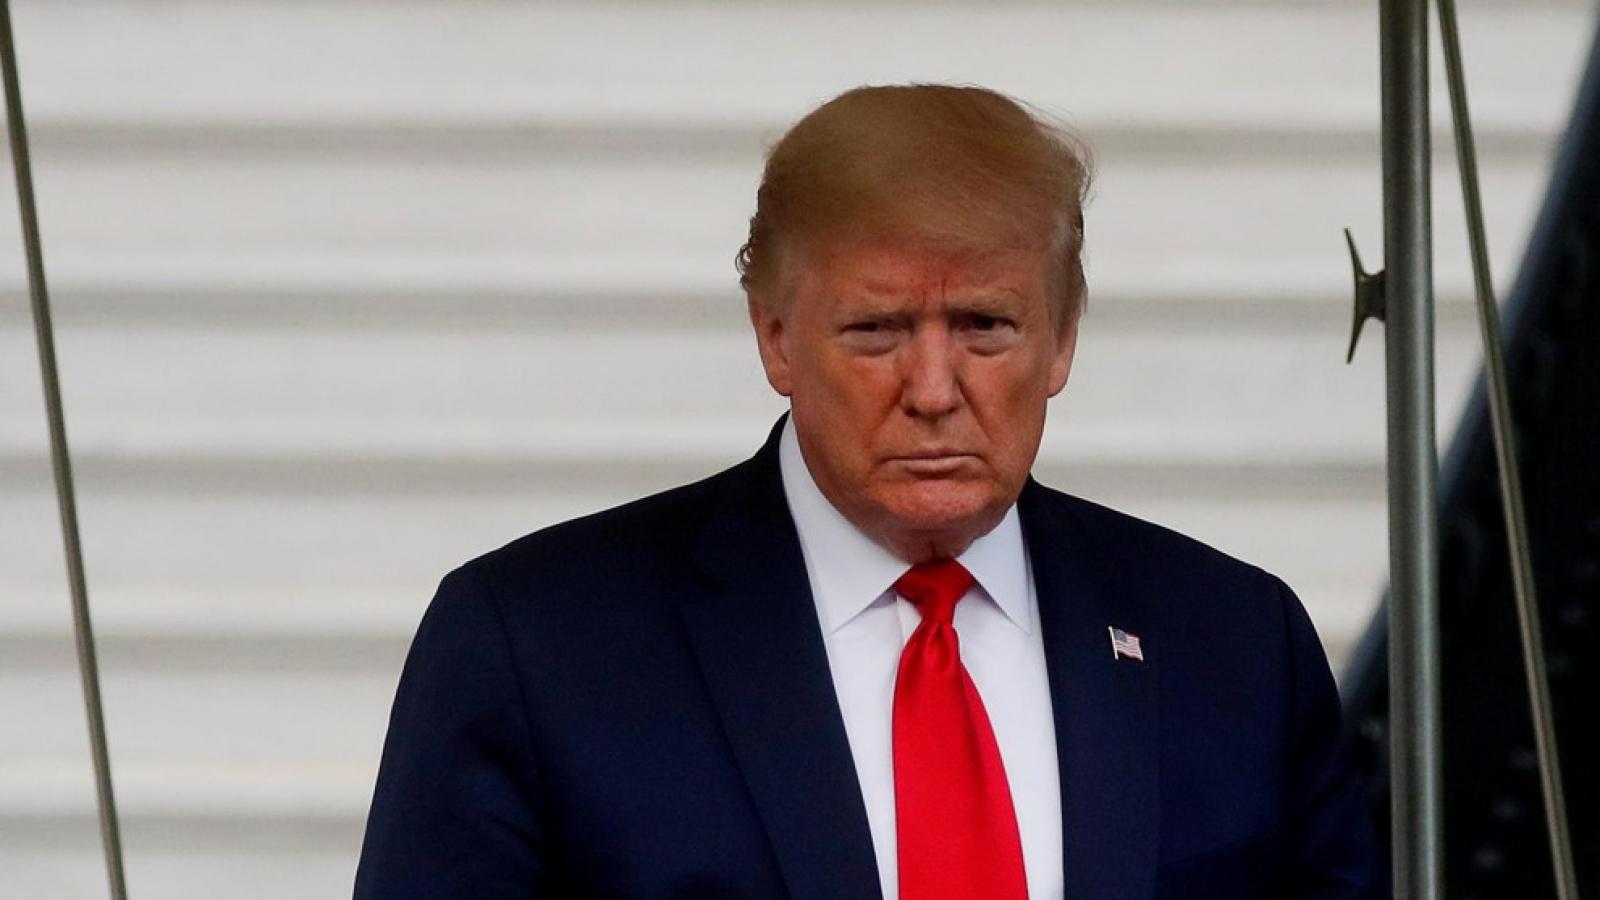 Nhiệm kỳ thứ 2 của ông Trump có ý nghĩa gì với châu Á?